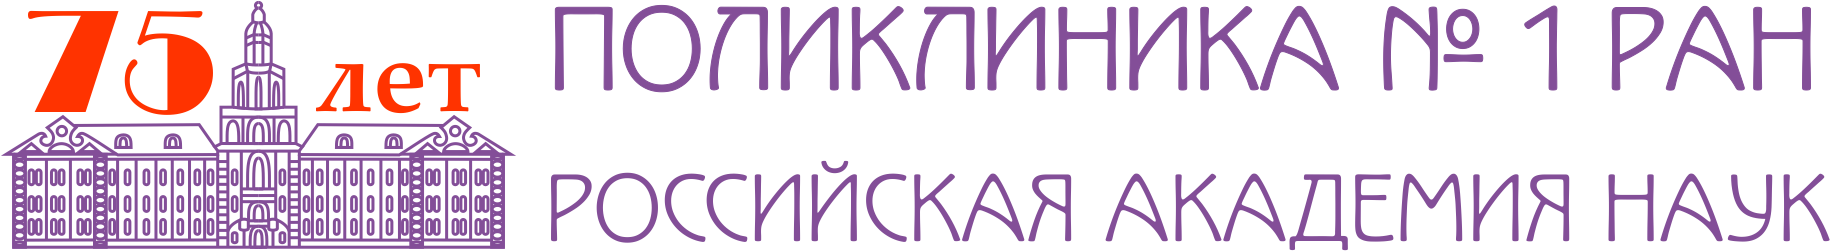 Поликлиника №1 РАН